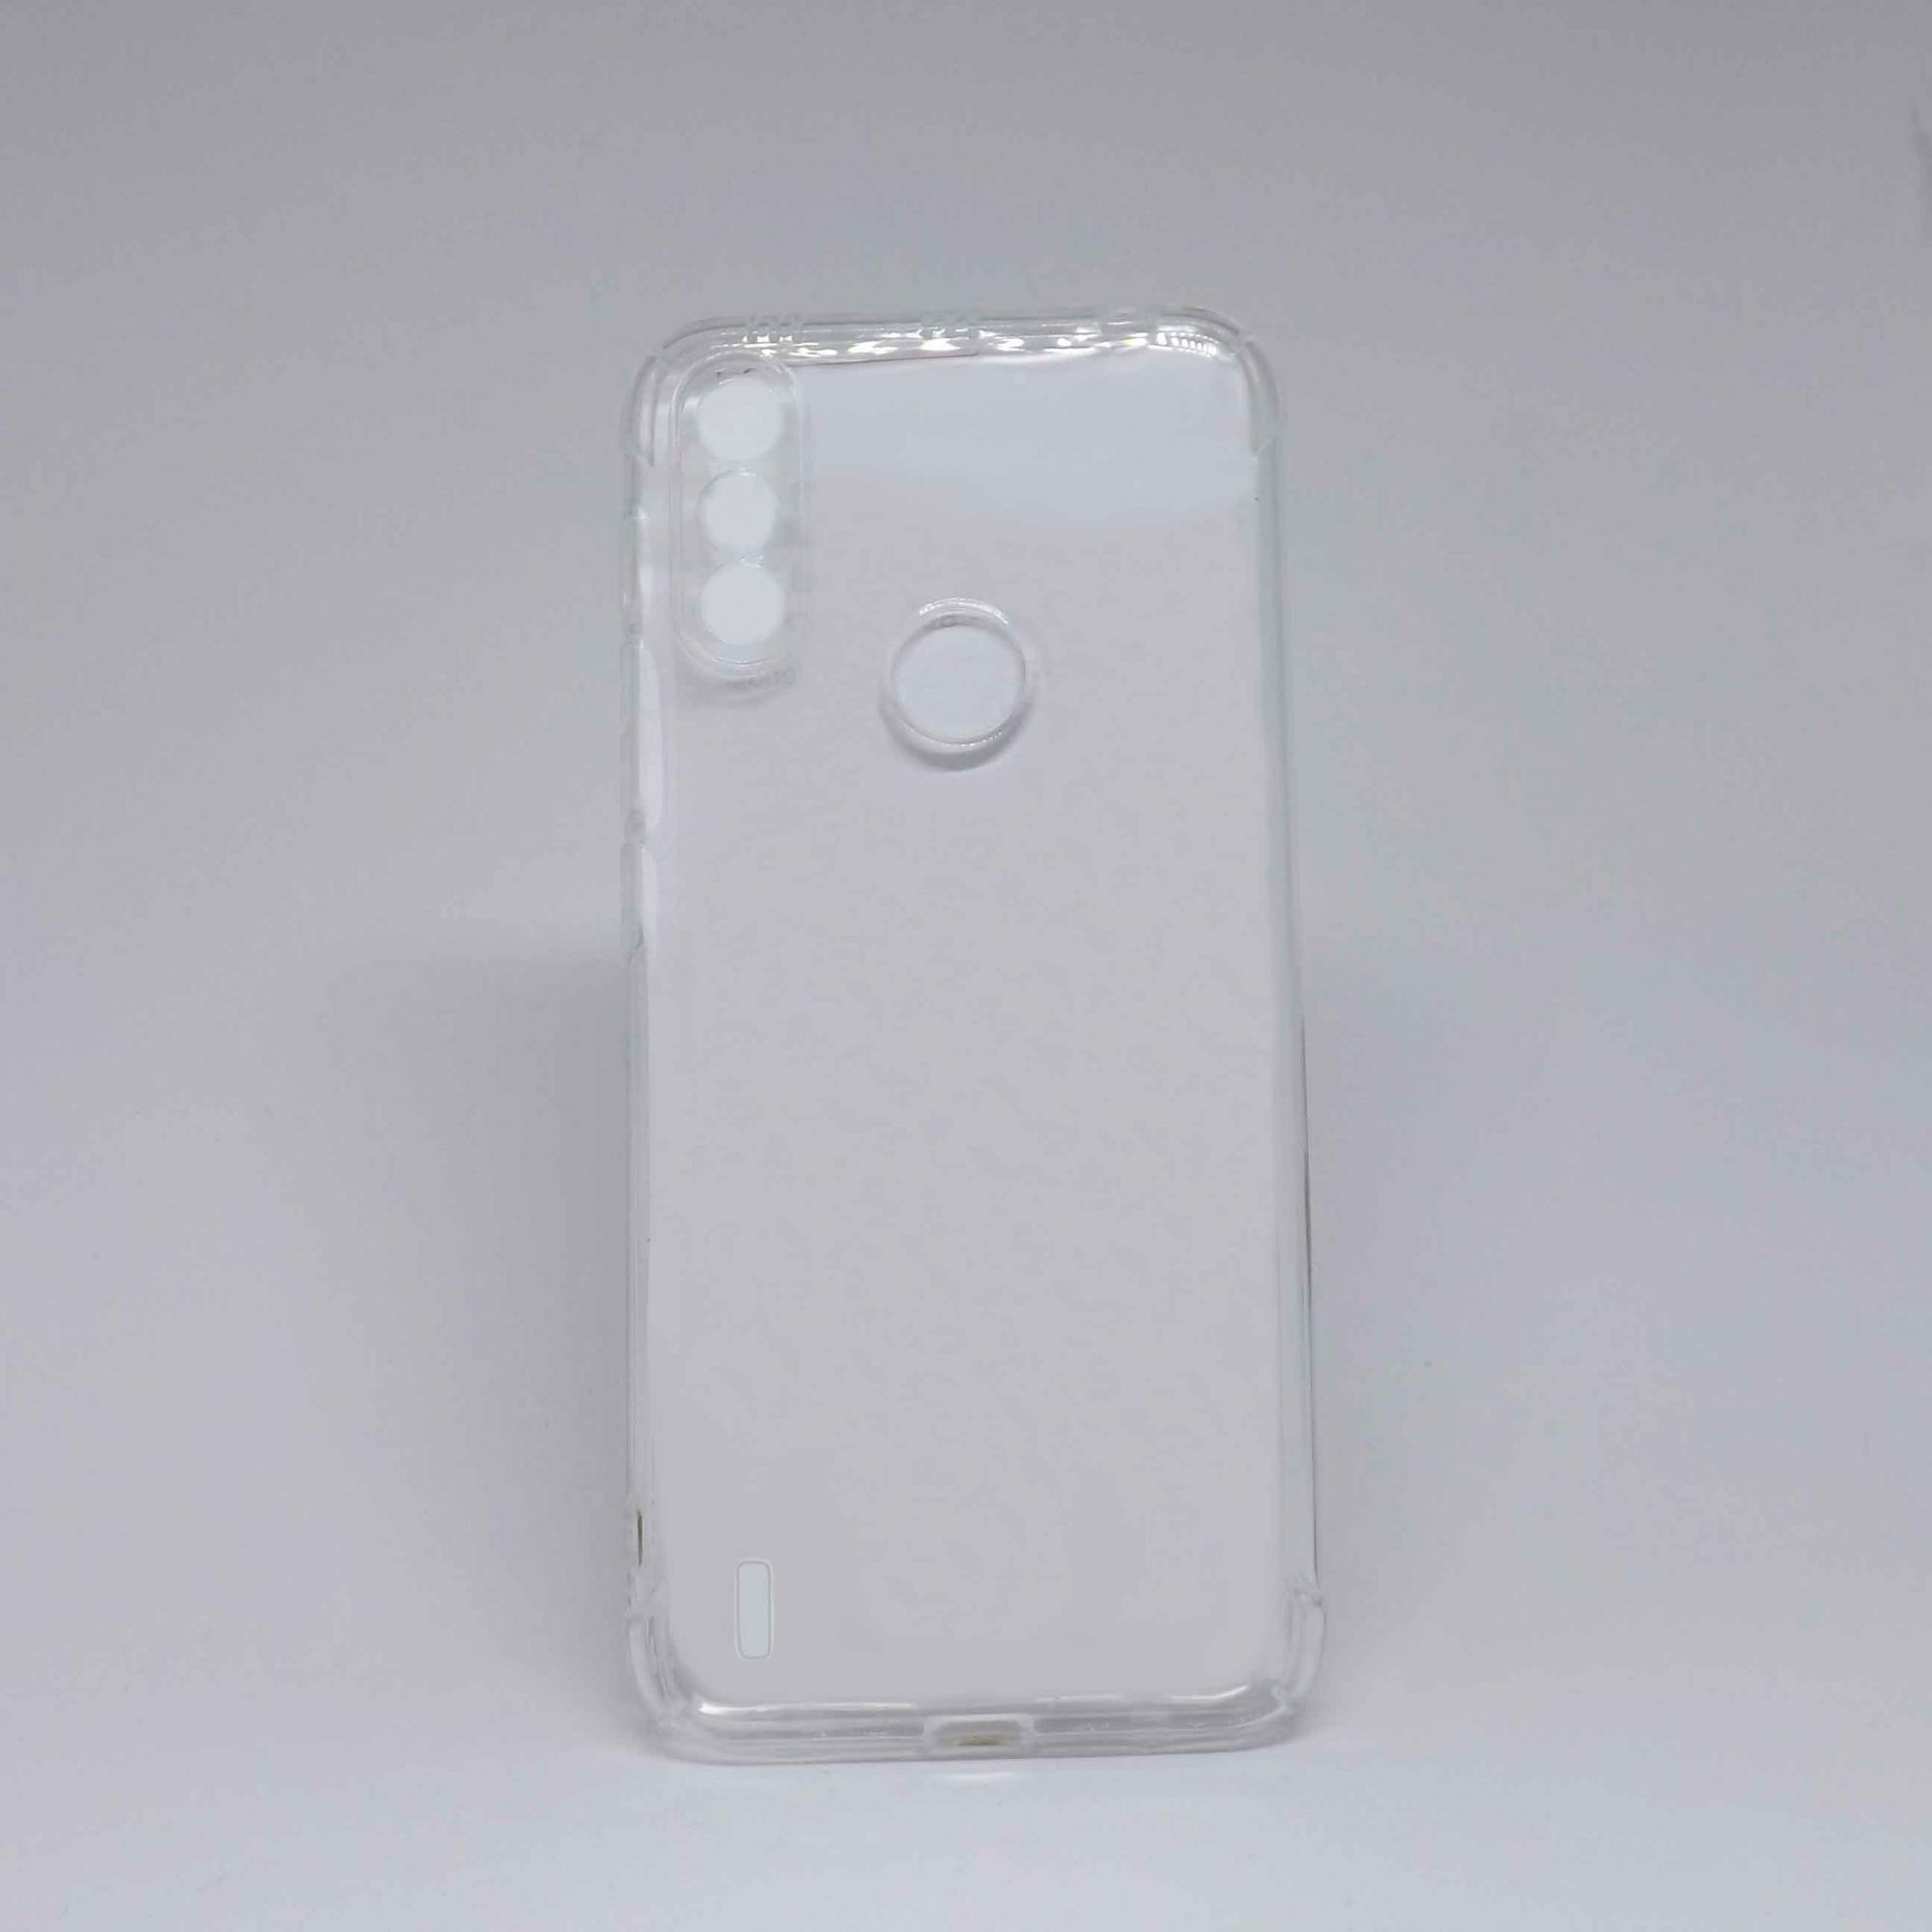 Capa Motorola E7 Power Transparente